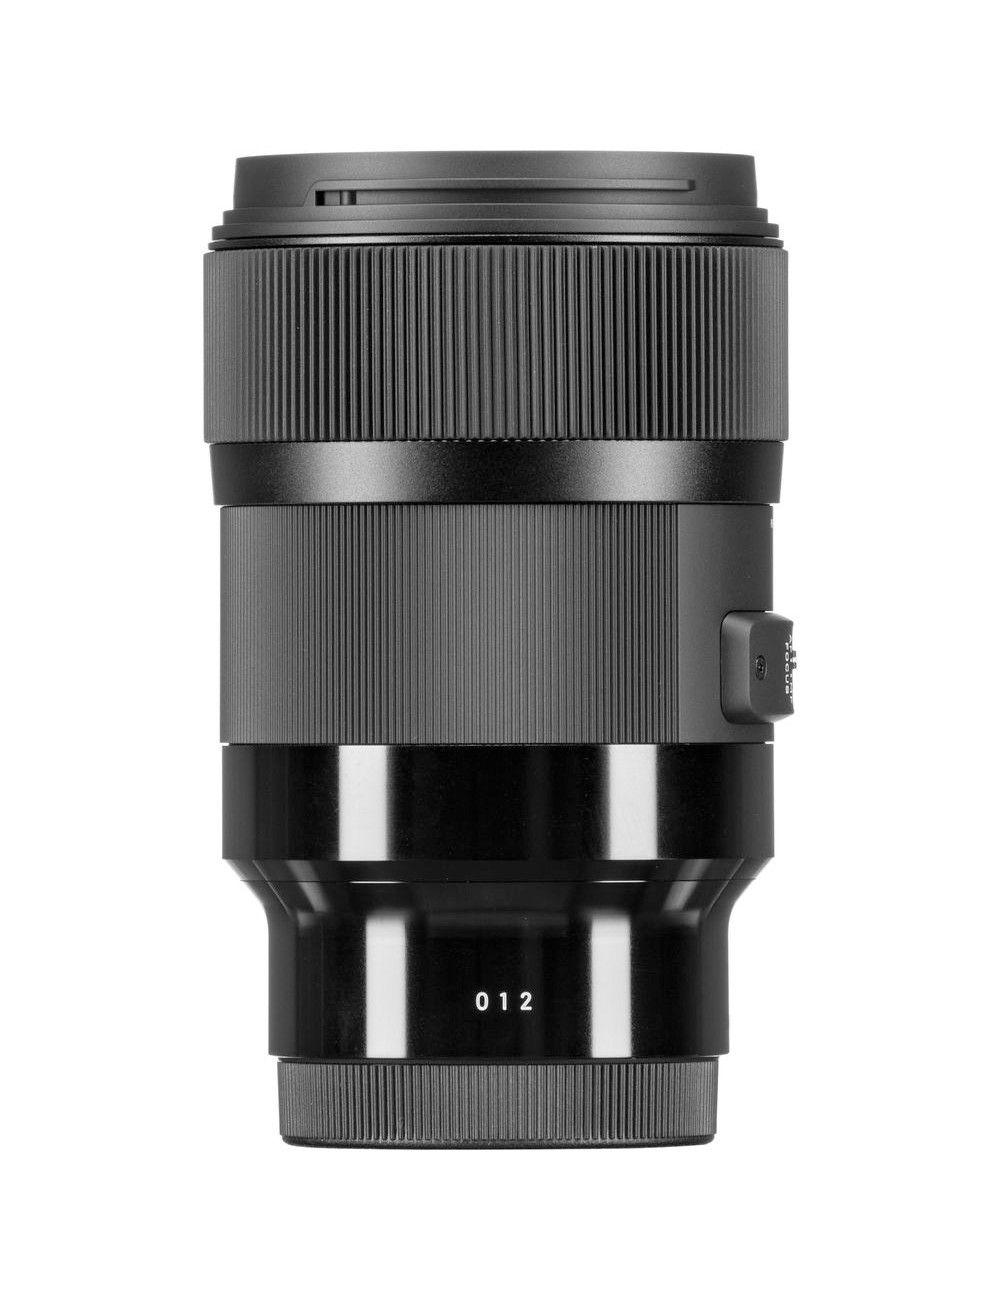 Cargador DOBLE para Baterías Canon LP-E8 - USB - Alternativo